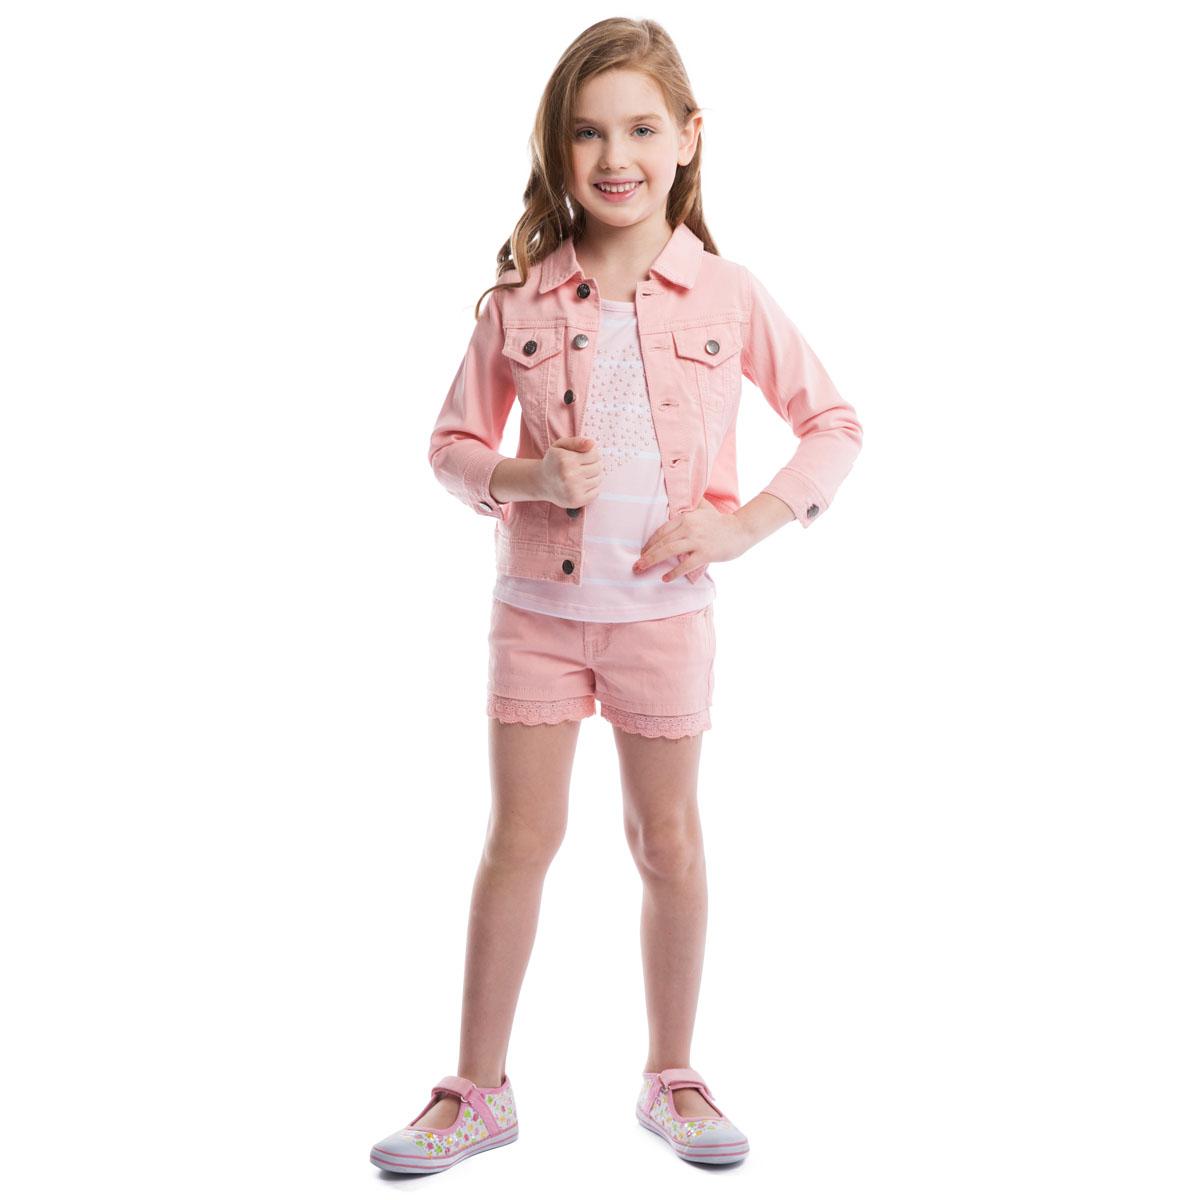 Куртка для девочки PlayToday, цвет: светло-розовый. 262001. Размер 98, 3 года262001Куртка для девочки PlayToday, выполненная из эластичного хлопка, необычайно мягкая и приятная на ощупь, не сковывает движения ребенка и позволяет коже дышать, не раздражает даже самую нежную и чувствительную кожу, обеспечивая малышке наибольший комфорт. Куртка с отложным воротником и рукавами 3/4 застегивается на металлические пуговицы с выгравированной клубничкой. Манжеты рукавов также застегиваются на пуговицы. Спереди модель дополнена двумя прорезнымикармашками, закрывающимися клапанами на пуговицах. Низ изделия по бокам декорирован хлястиками на пуговицах. Оригинальный современный дизайн и модная расцветка делают эту куртку стильным предметом детского гардероба. В ней ваша малышка будет чувствовать себя уютно и комфортно и всегда будет в центре внимания!